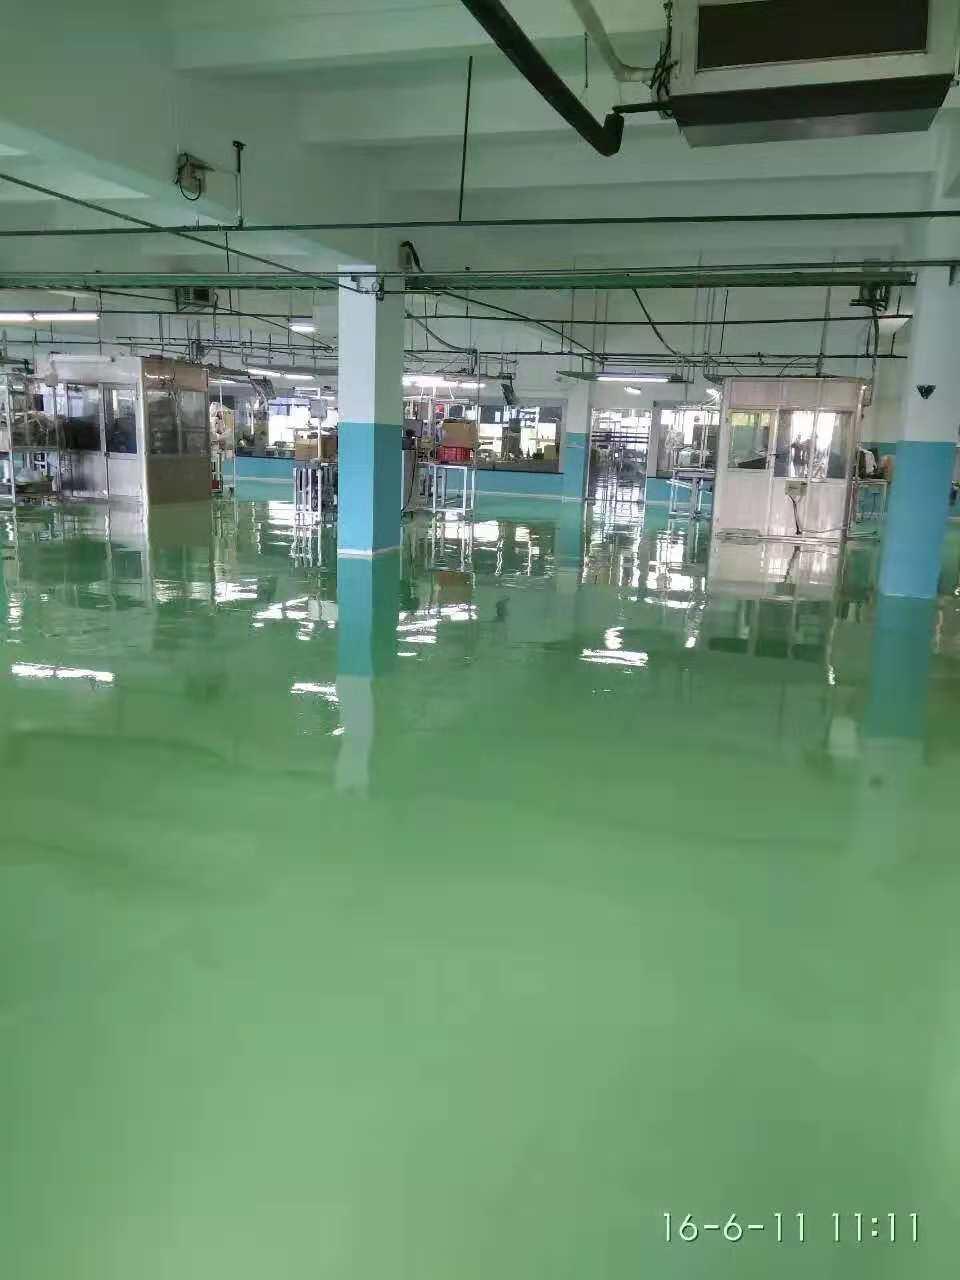 环氧自流平地坪厂家-郑州区域有信誉度的环氧自流平地坪厂家